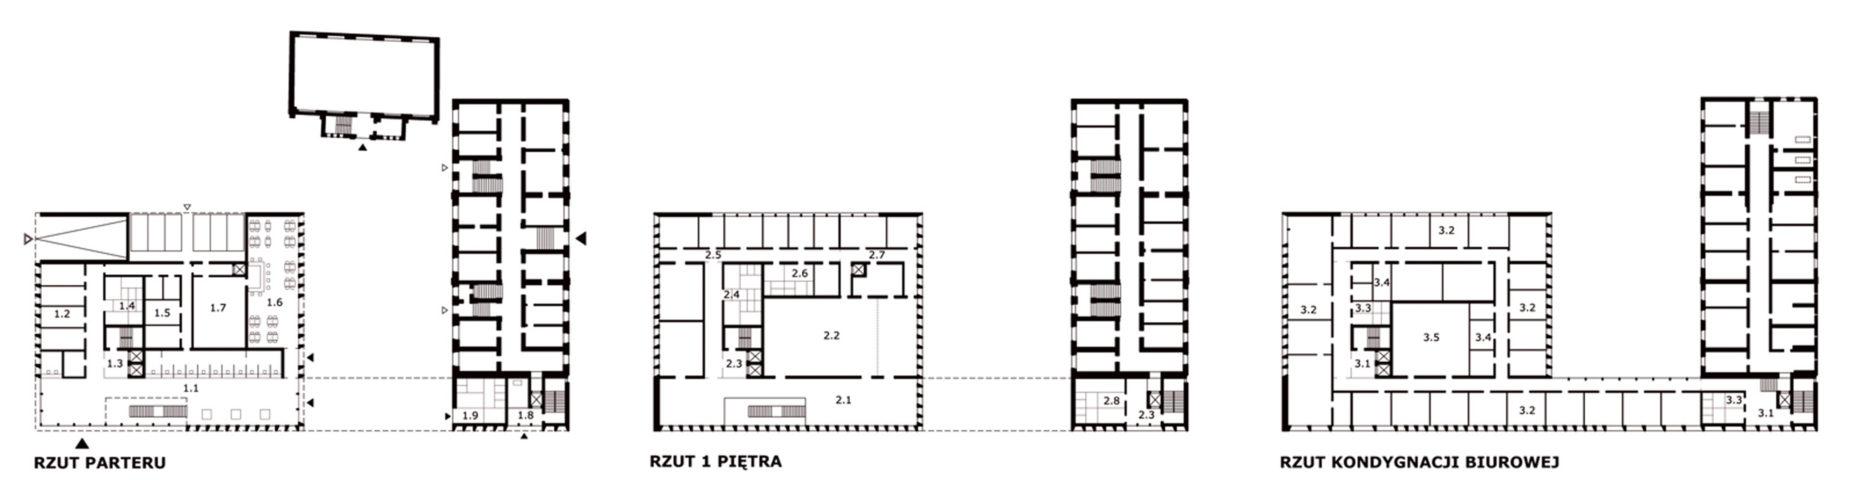 Regionalne Centrum Innowacyjnej Administracji, Kołobrzeg